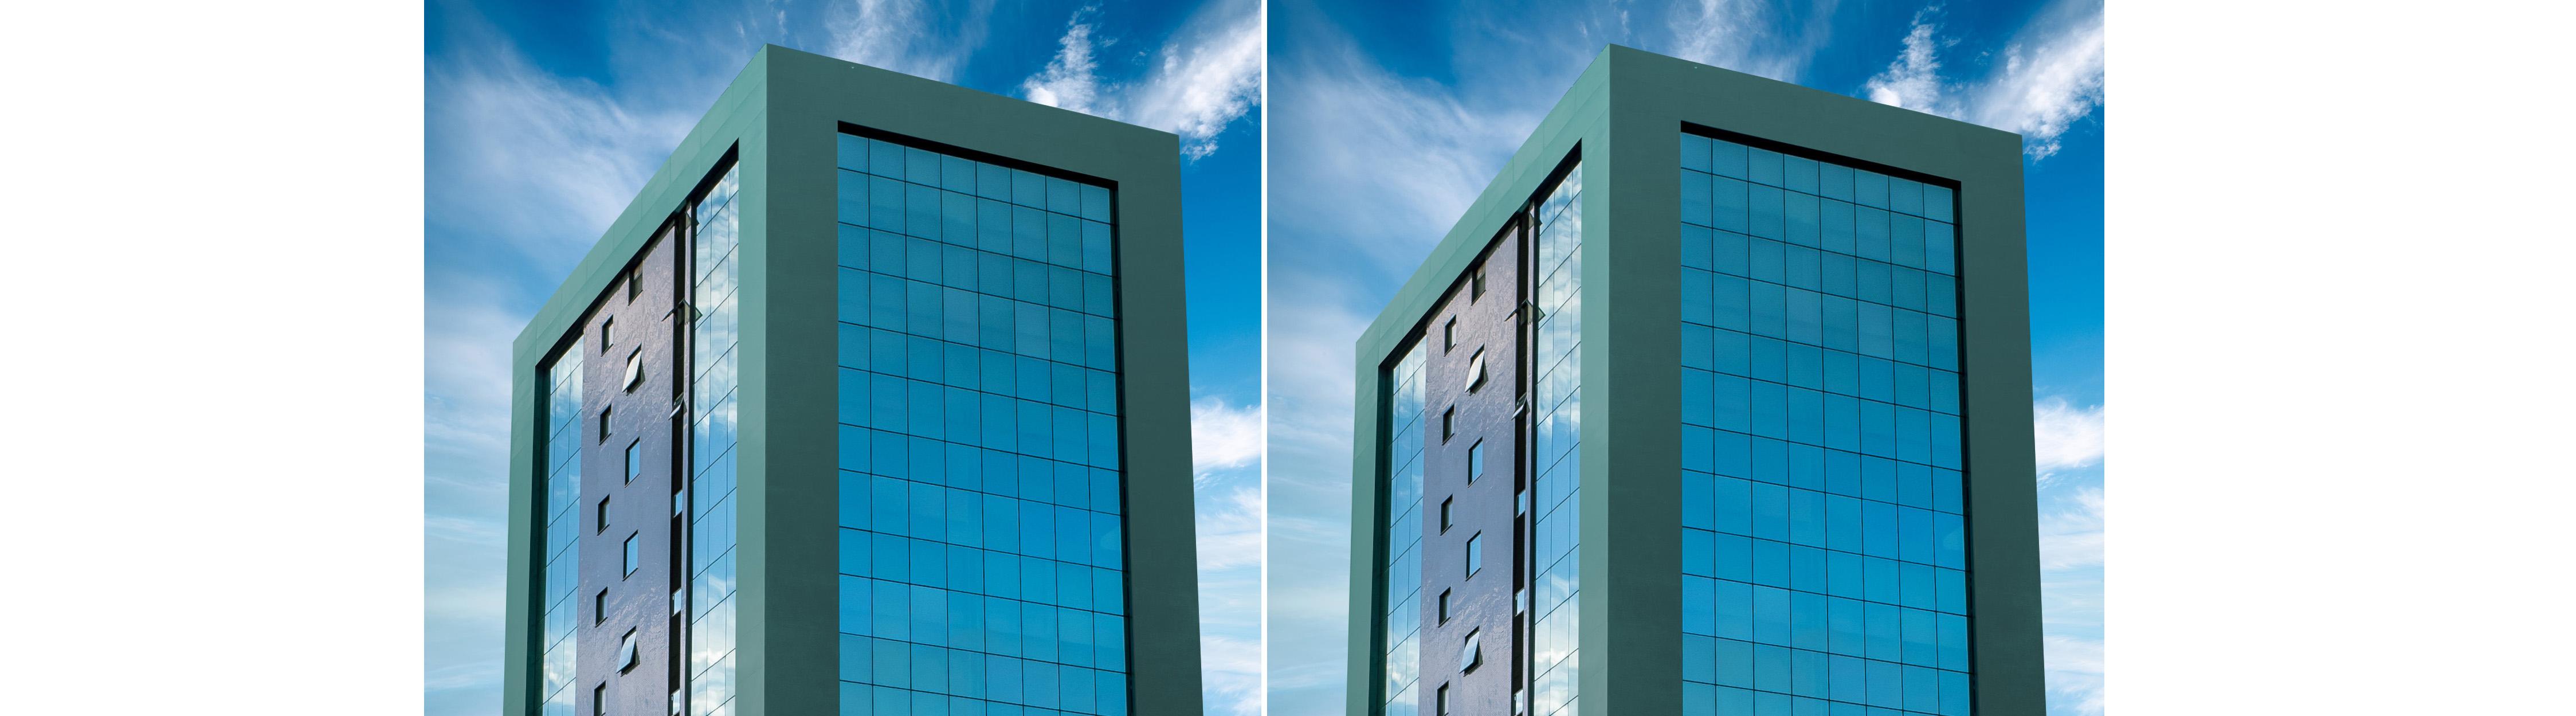 Revestimento inovador em ACM muda de cor com exposição solar